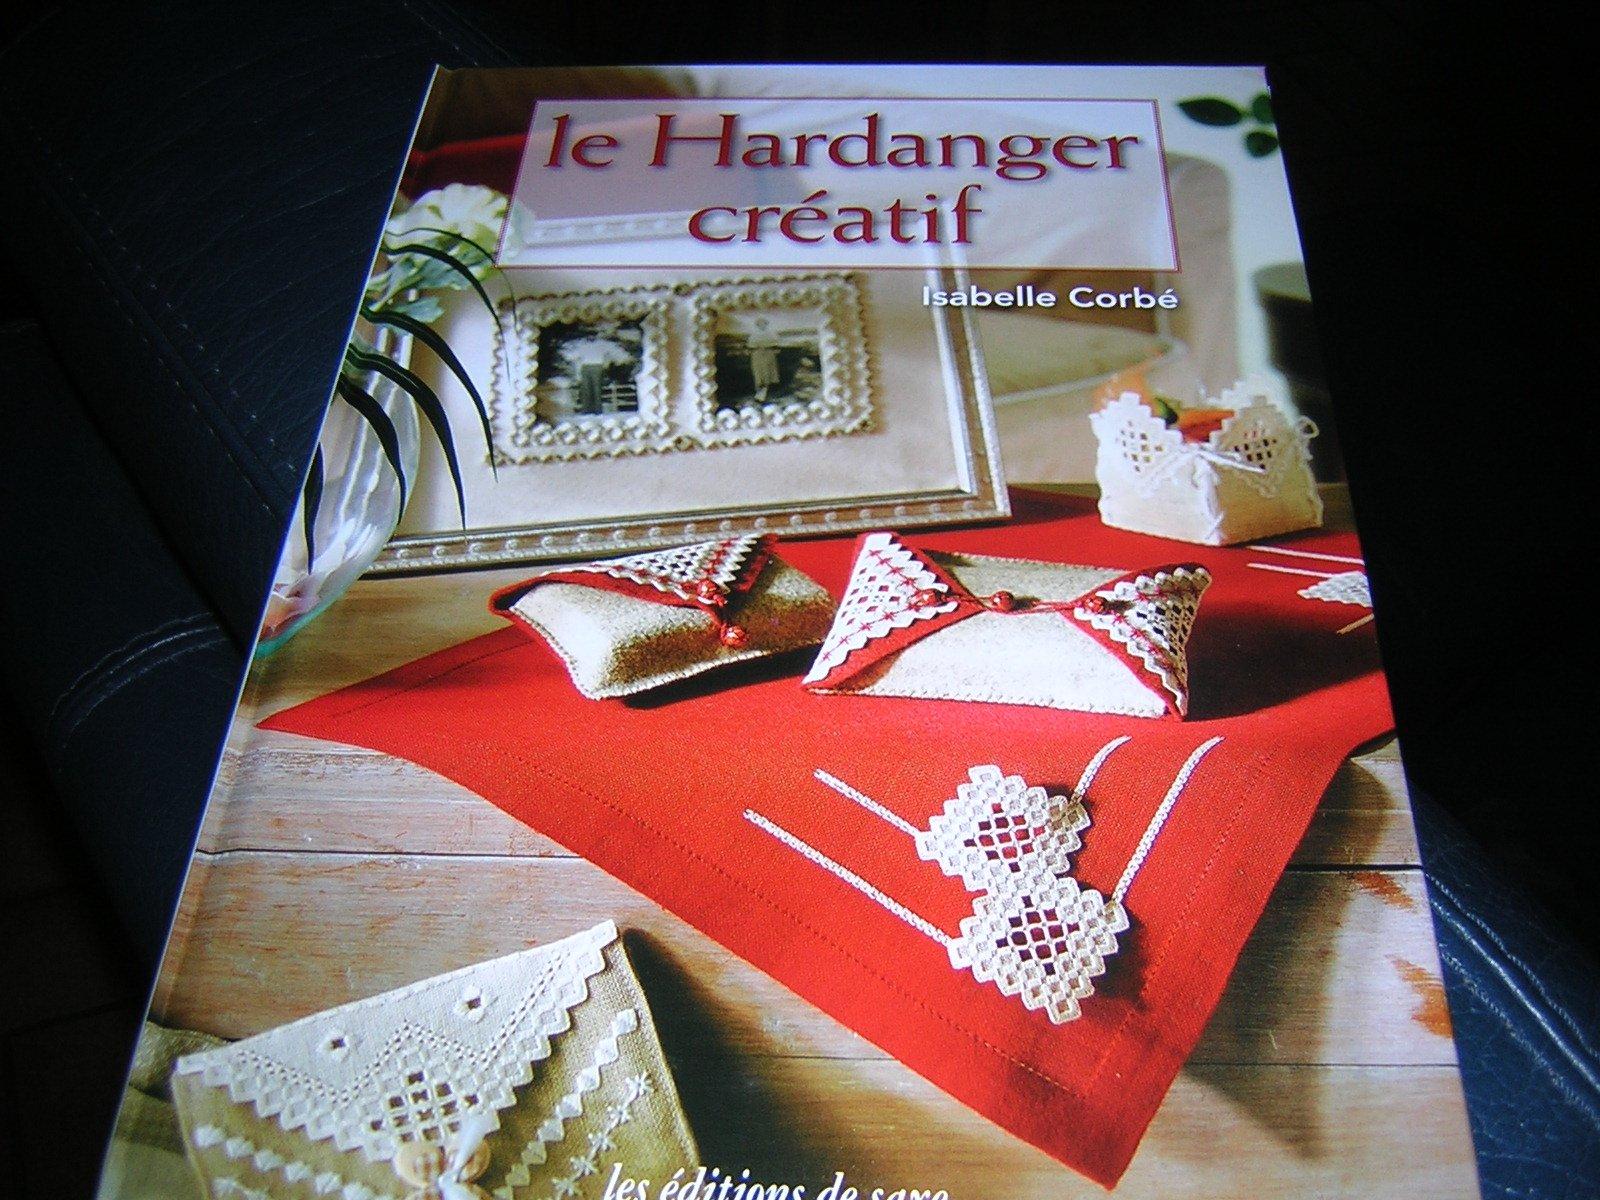 hardanger008.jpg